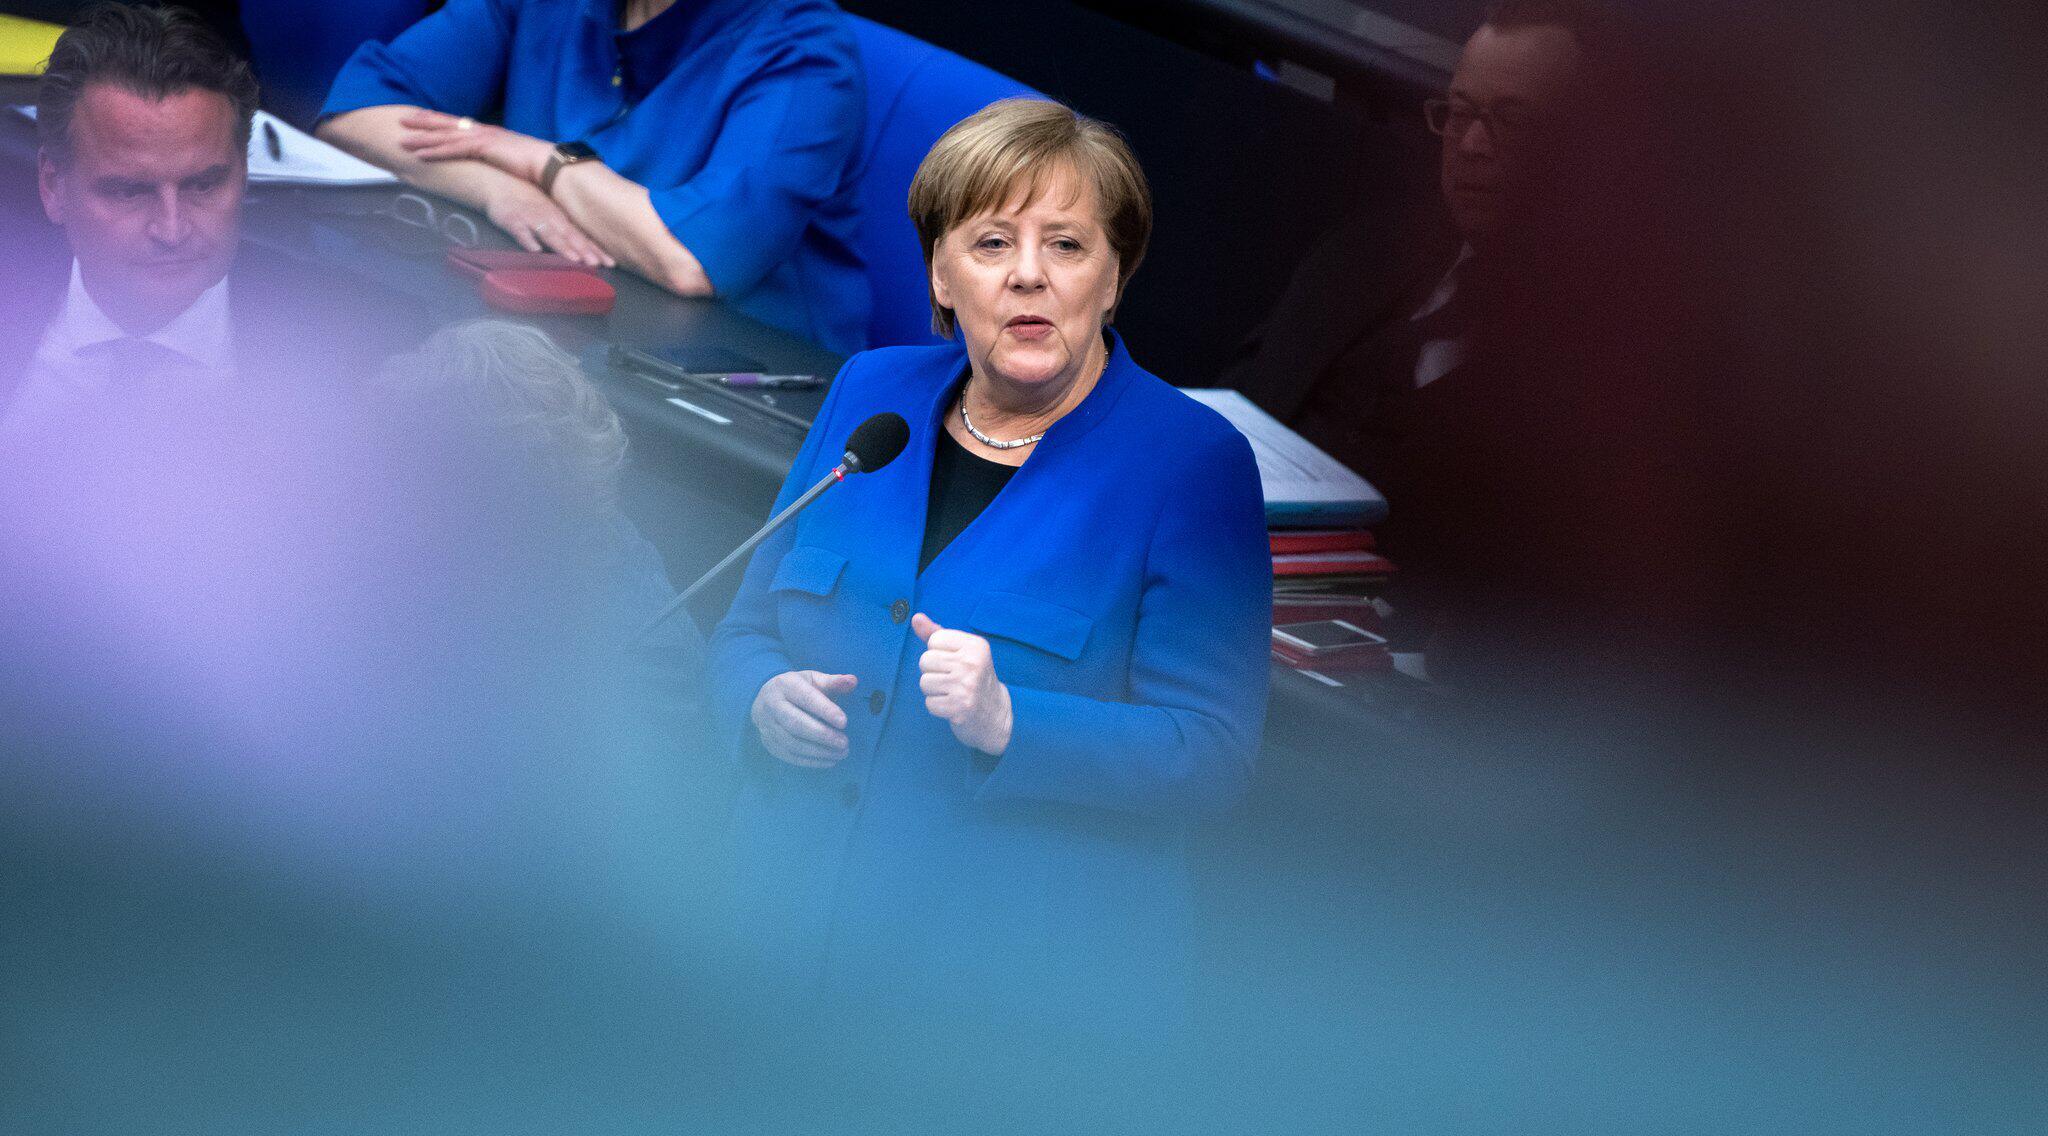 Bild zu Bundestag, Fragestunde, Berlin, Bundeskanzlerin, Angela Merkel, Brexit